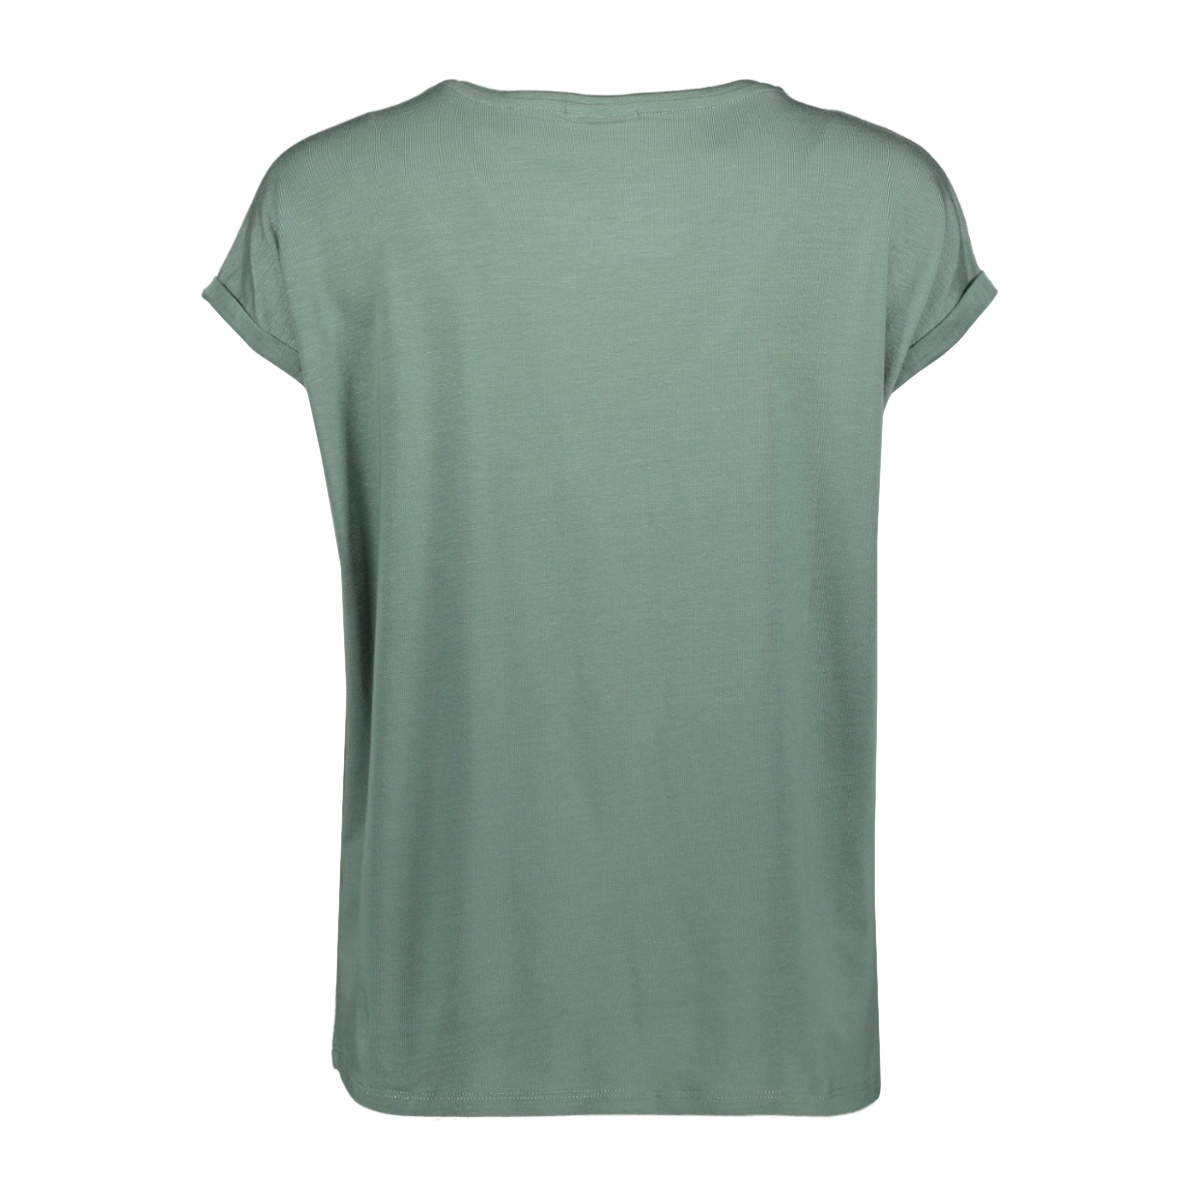 vmava plain ss top ga noos 10187159 vero moda t-shirt laurel wreath